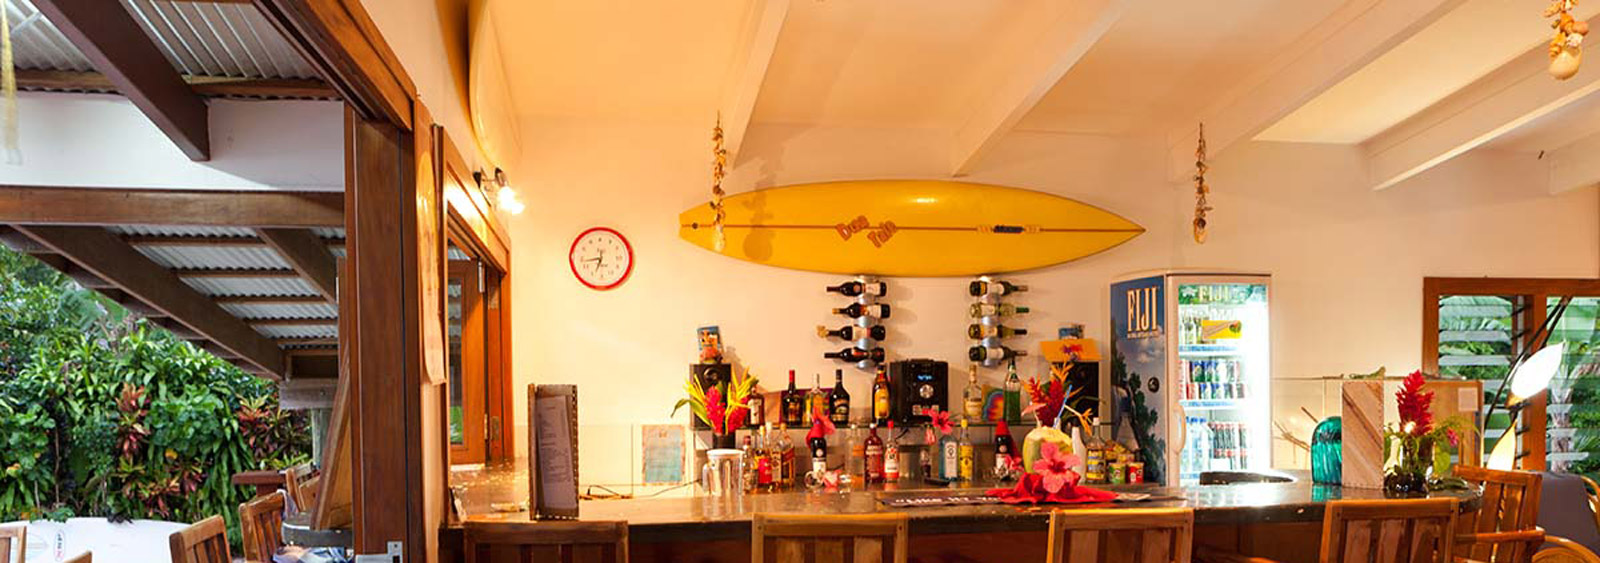 matanivusi-surf-resorts-in-fiji